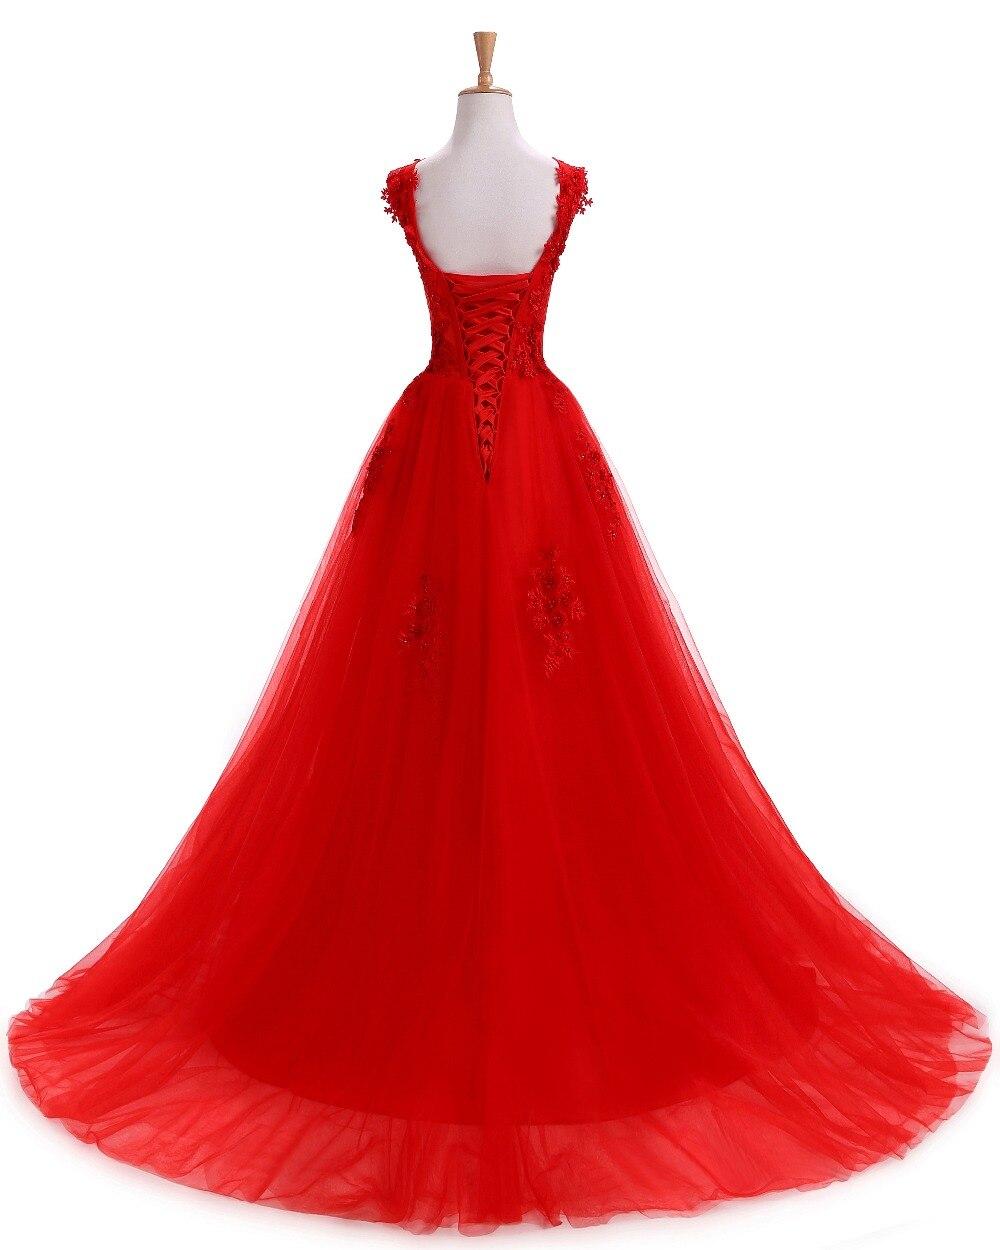 Robe De Soirée Rouge Robes De Soirée Longues Plus La Taille Tulle - Habillez-vous pour des occasions spéciales - Photo 2